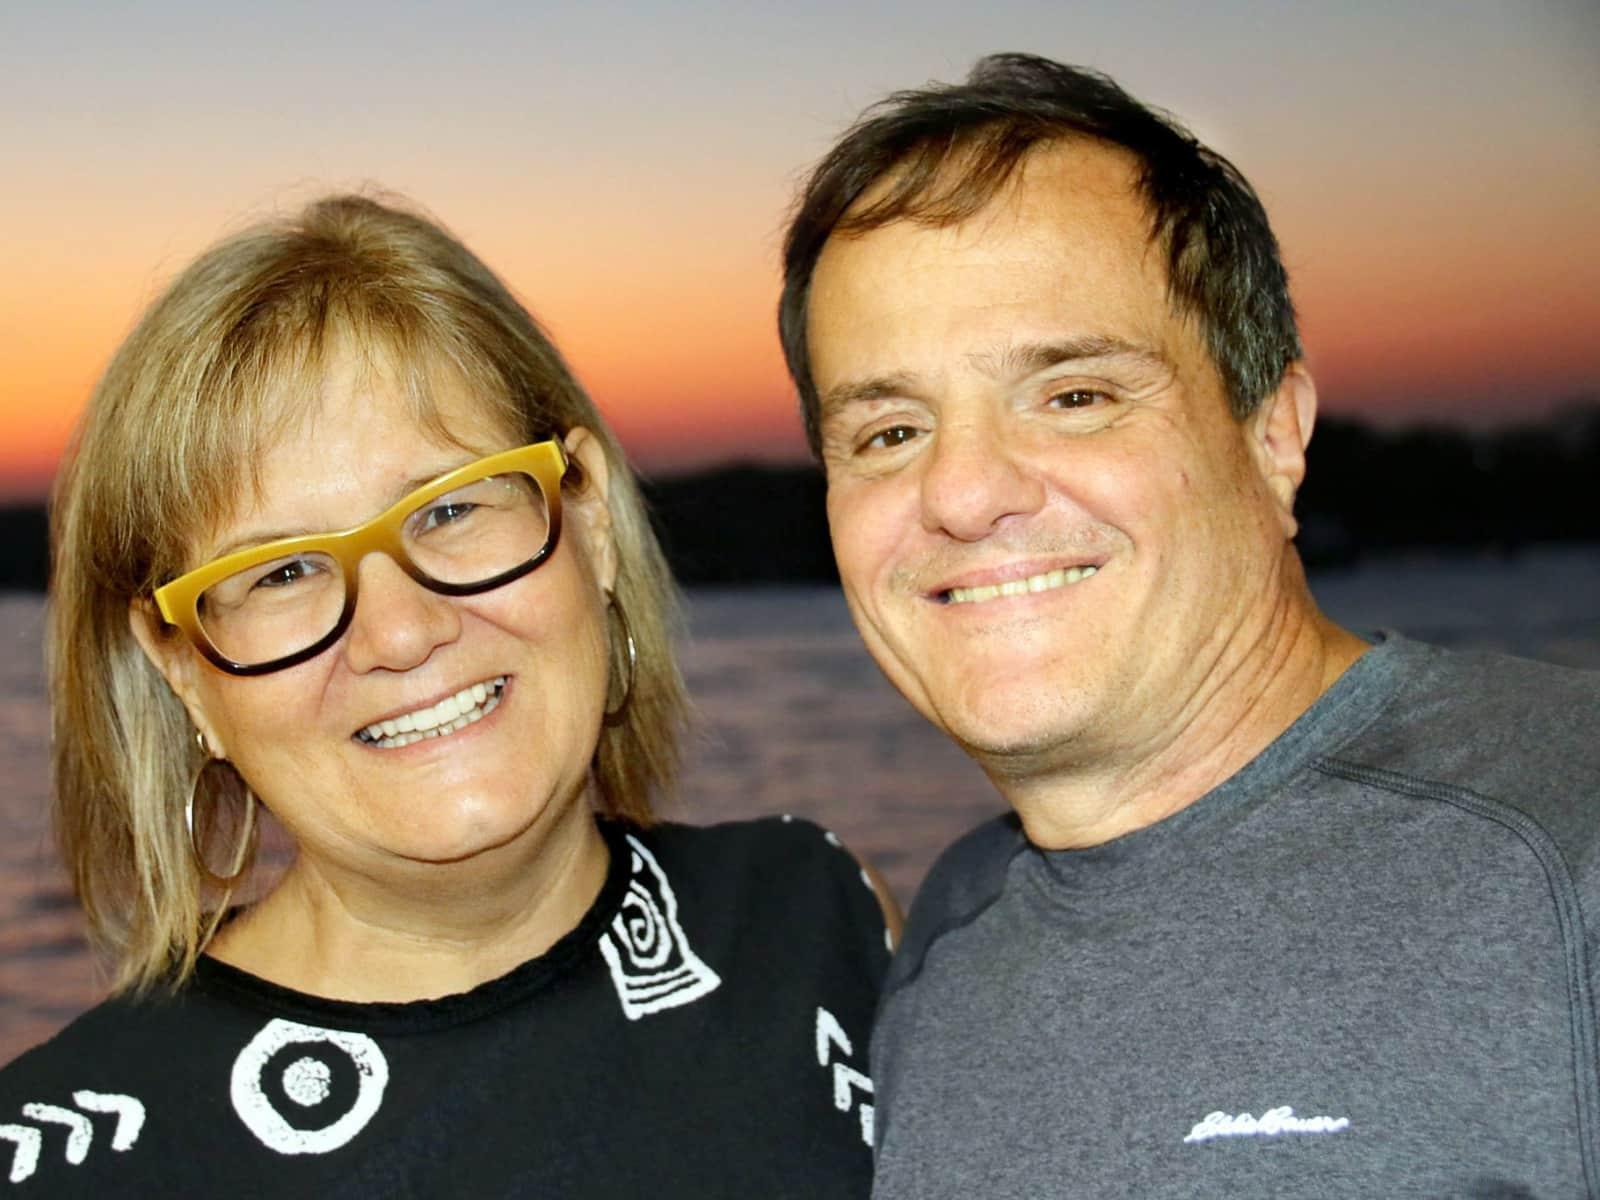 Marjonneke & Frank from Hamilton, Ontario, Canada